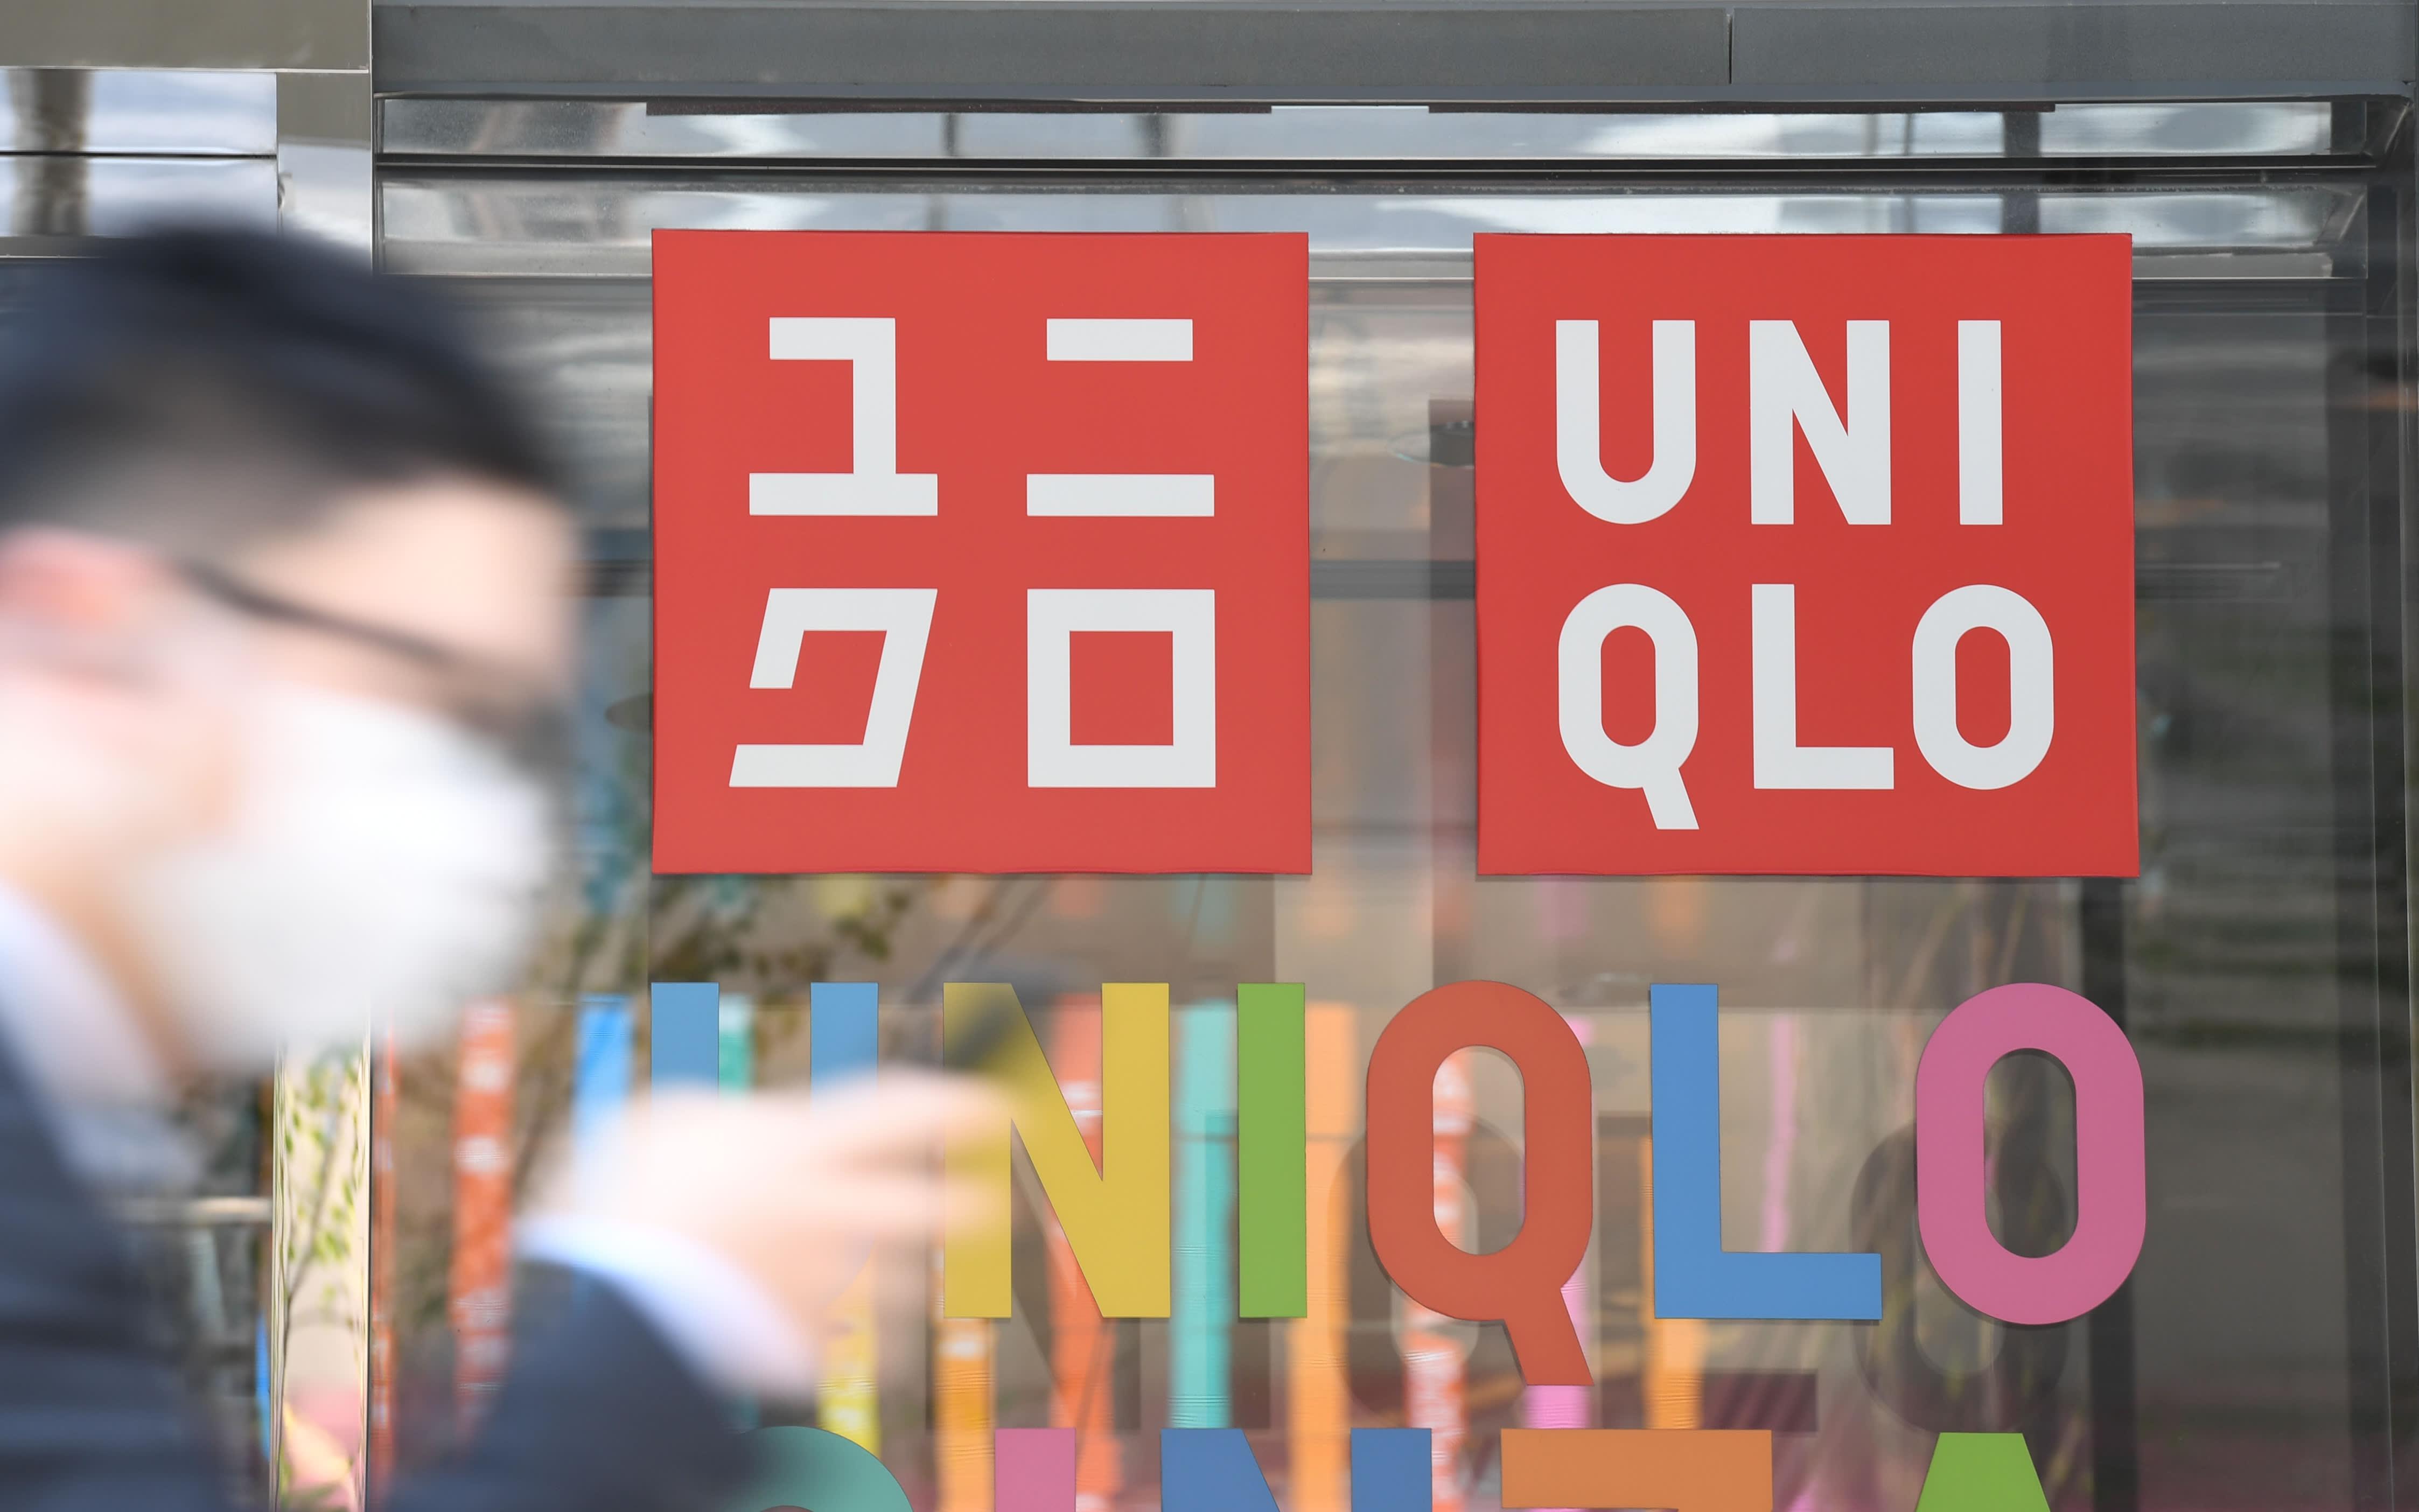 Uniqlo sắp bán khẩu trang 'thông thoáng và khô nhanh' giữa đại dịch COVID-19 - Ảnh 1.